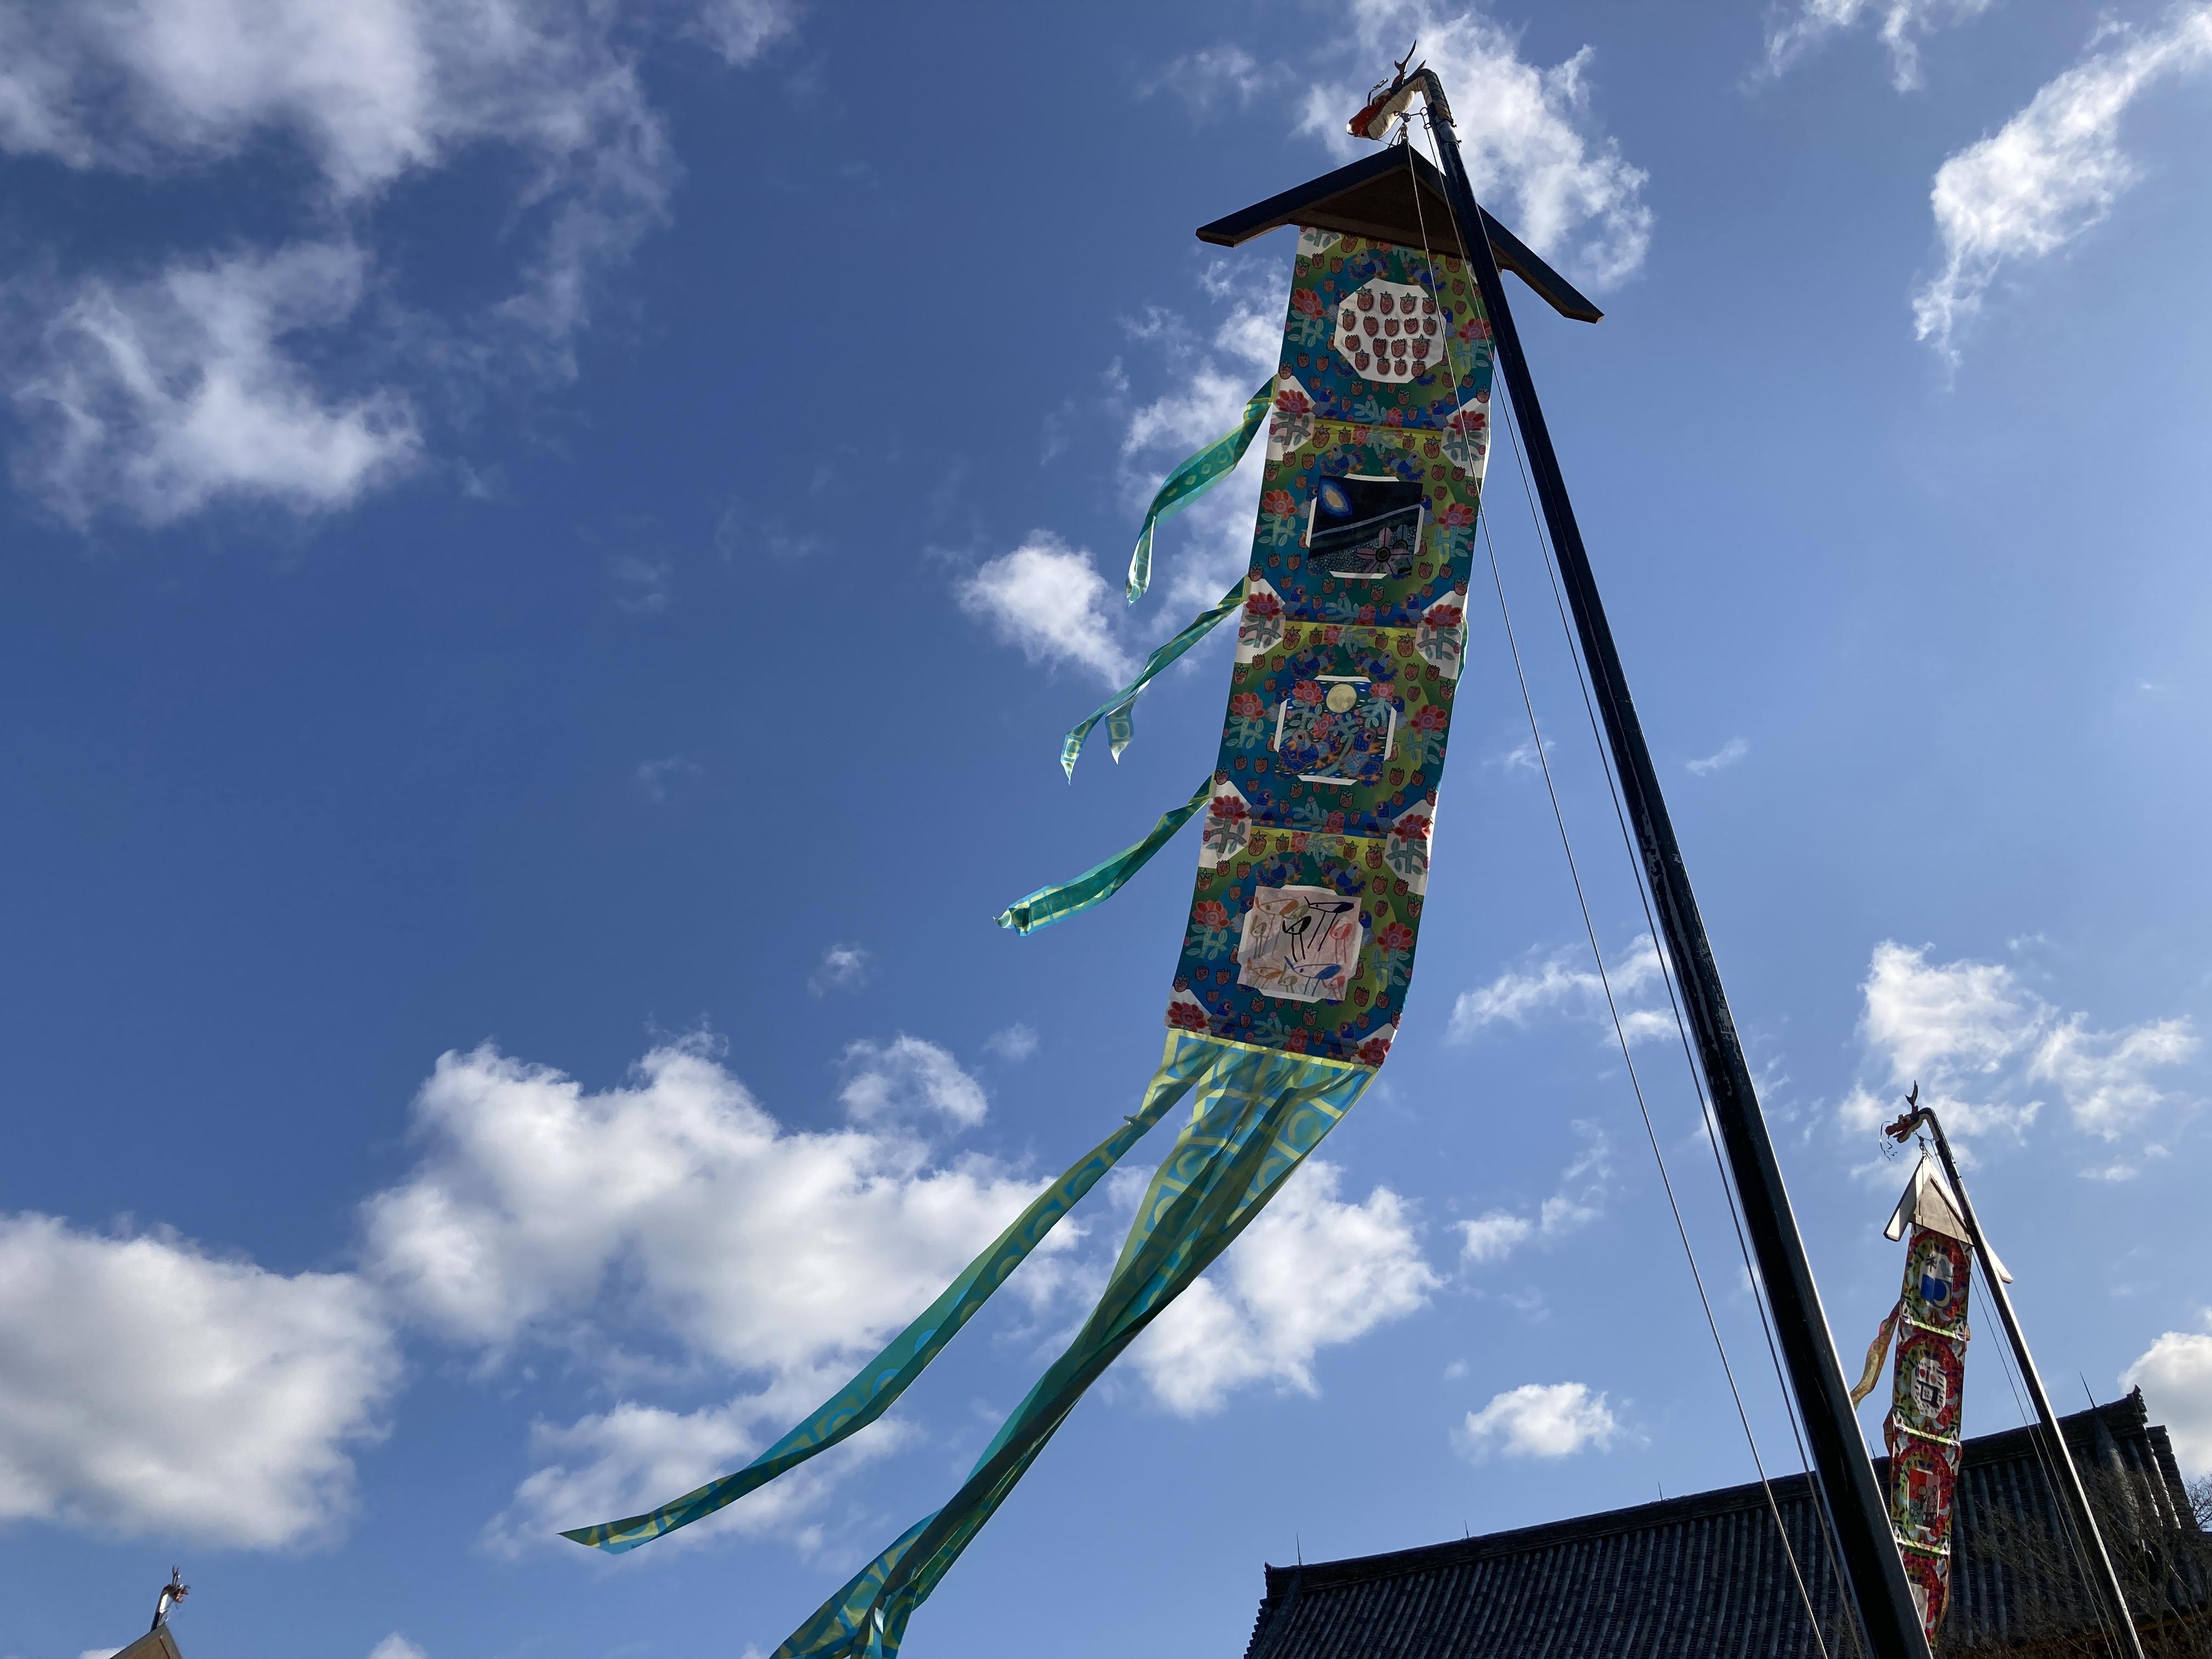 ビッグ幡in東大寺